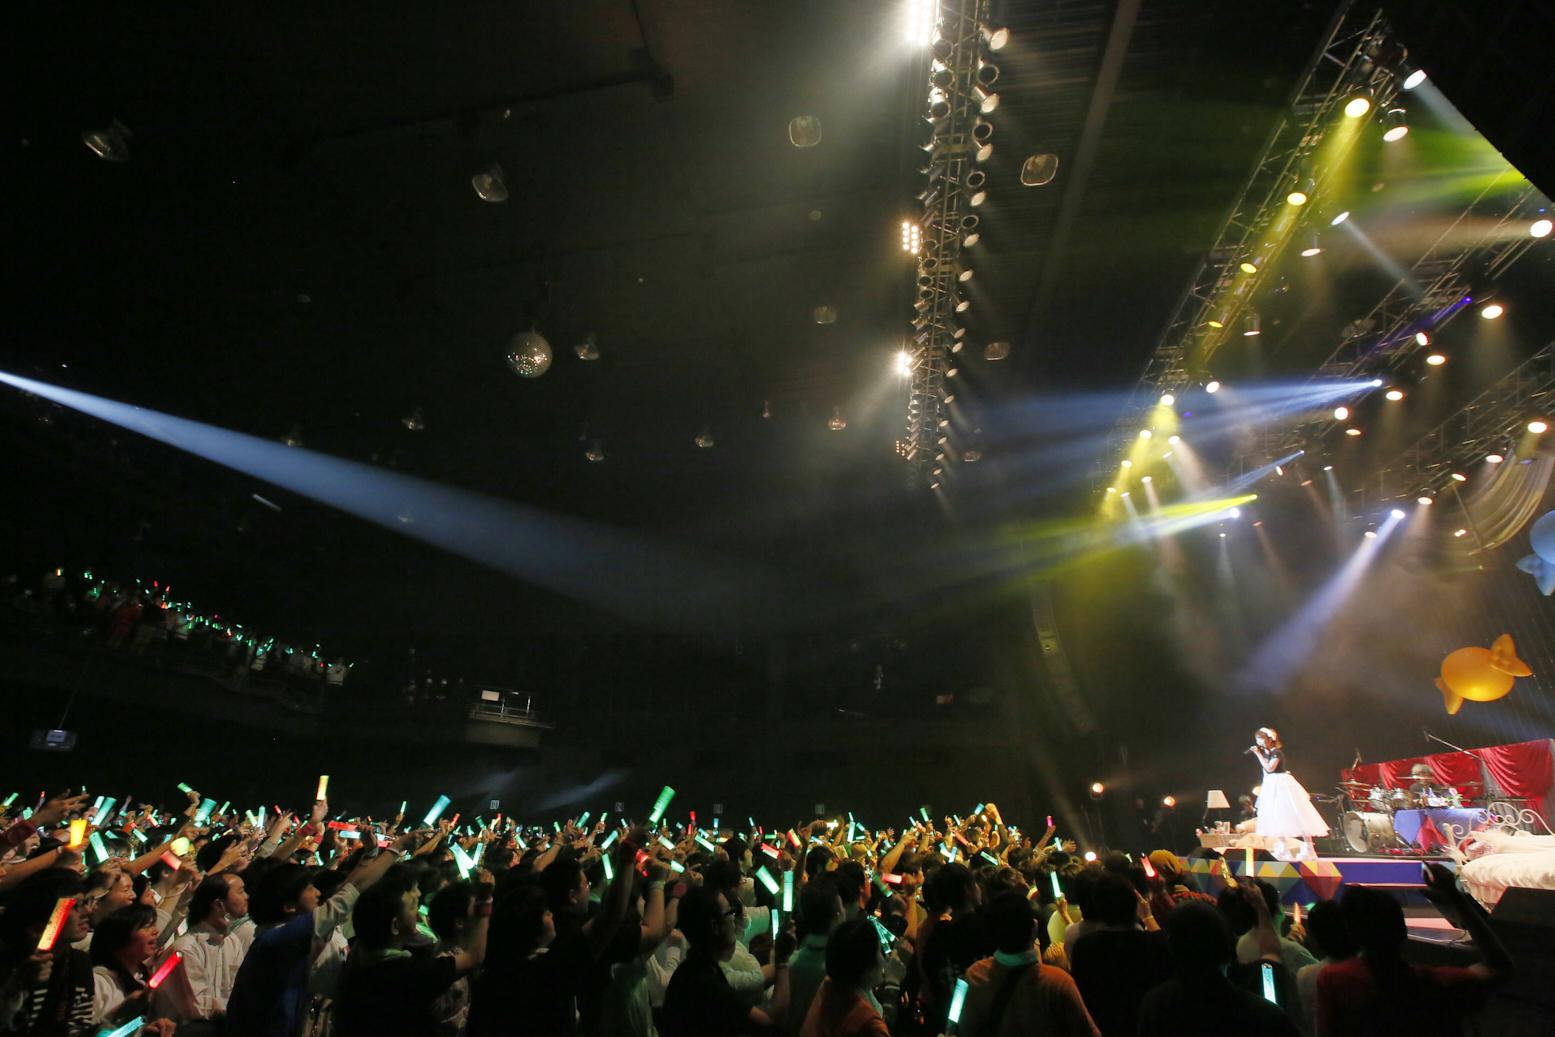 声優・内田彩さんの3rdシングルより、「Sign」(『五等分の花嫁』EDテーマ)と「Candy Flavor」のMV公開! ジャケ写、新アー写も解禁-9